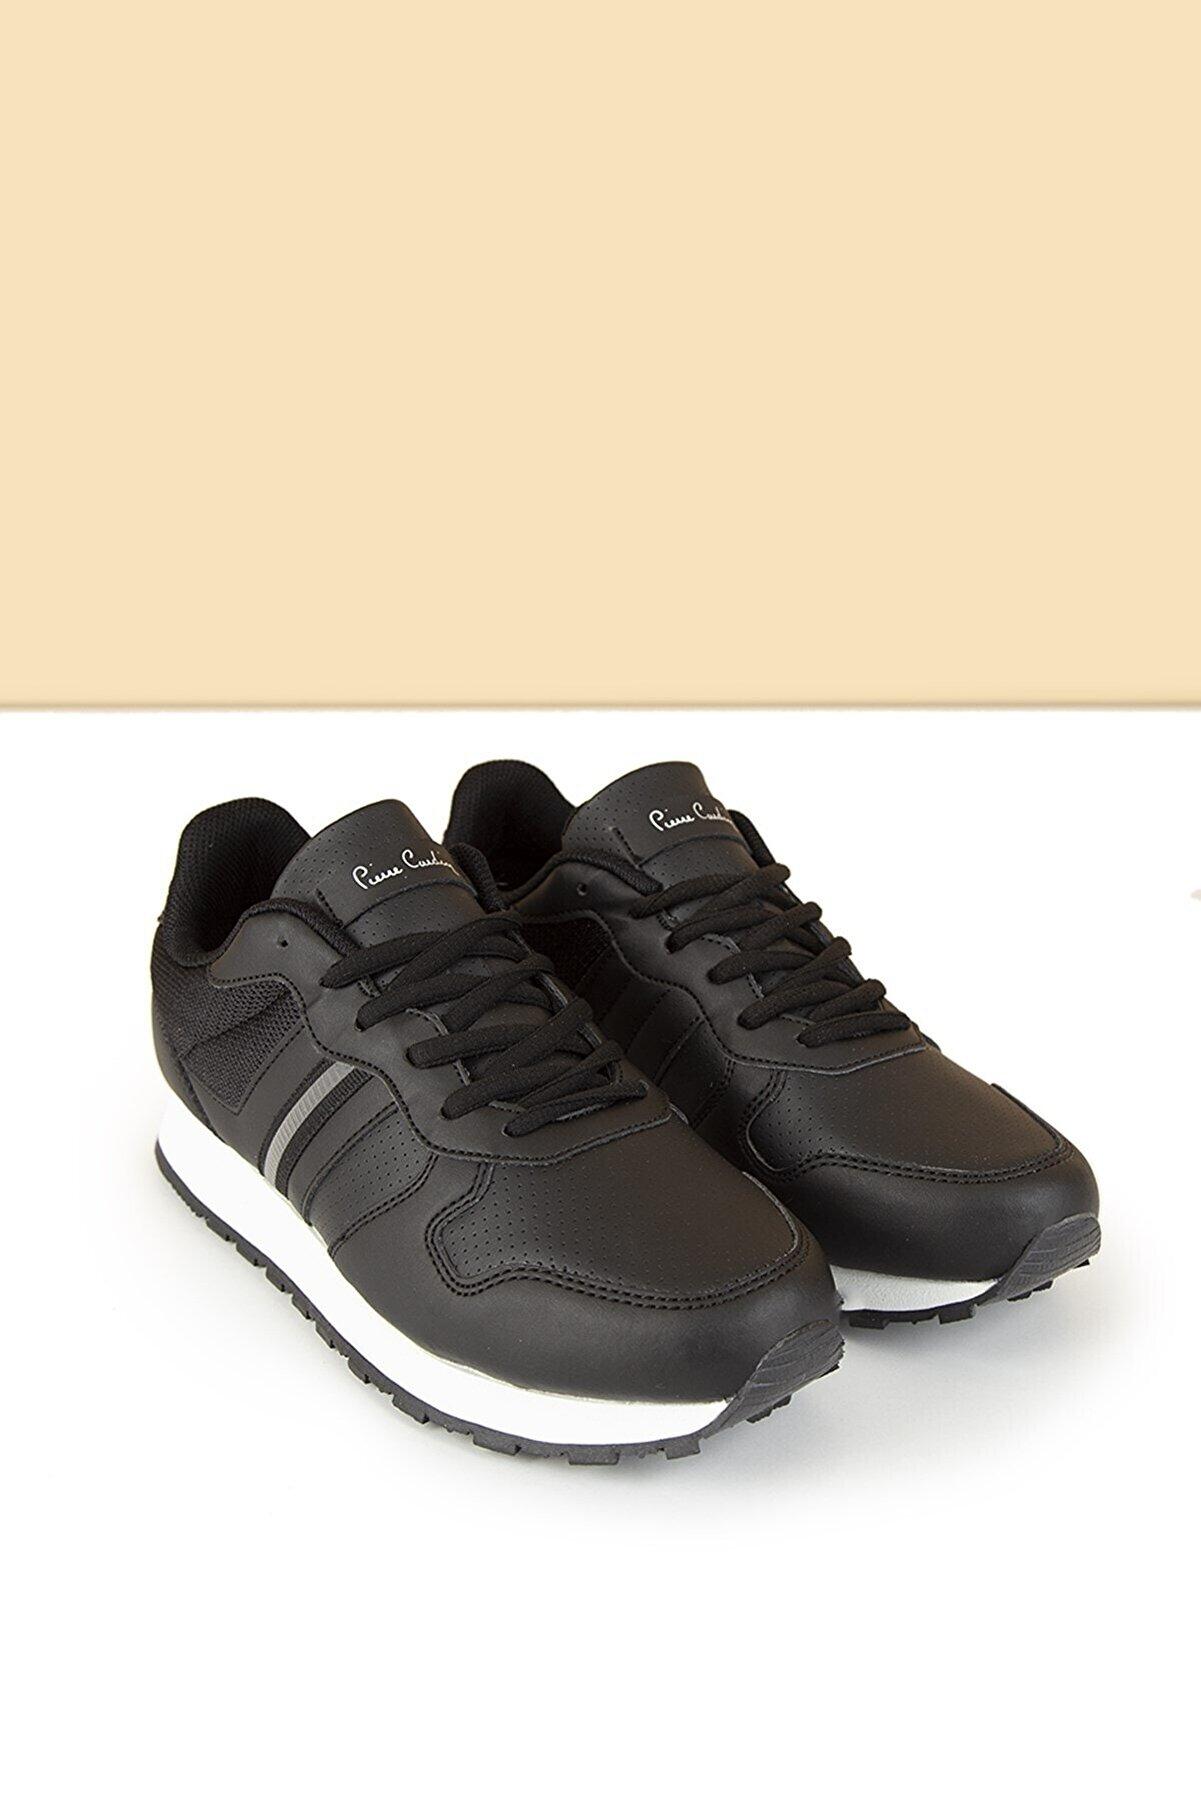 Pierre Cardin Pc-30477 Siyah-beyaz Kadın Spor Ayakkabı